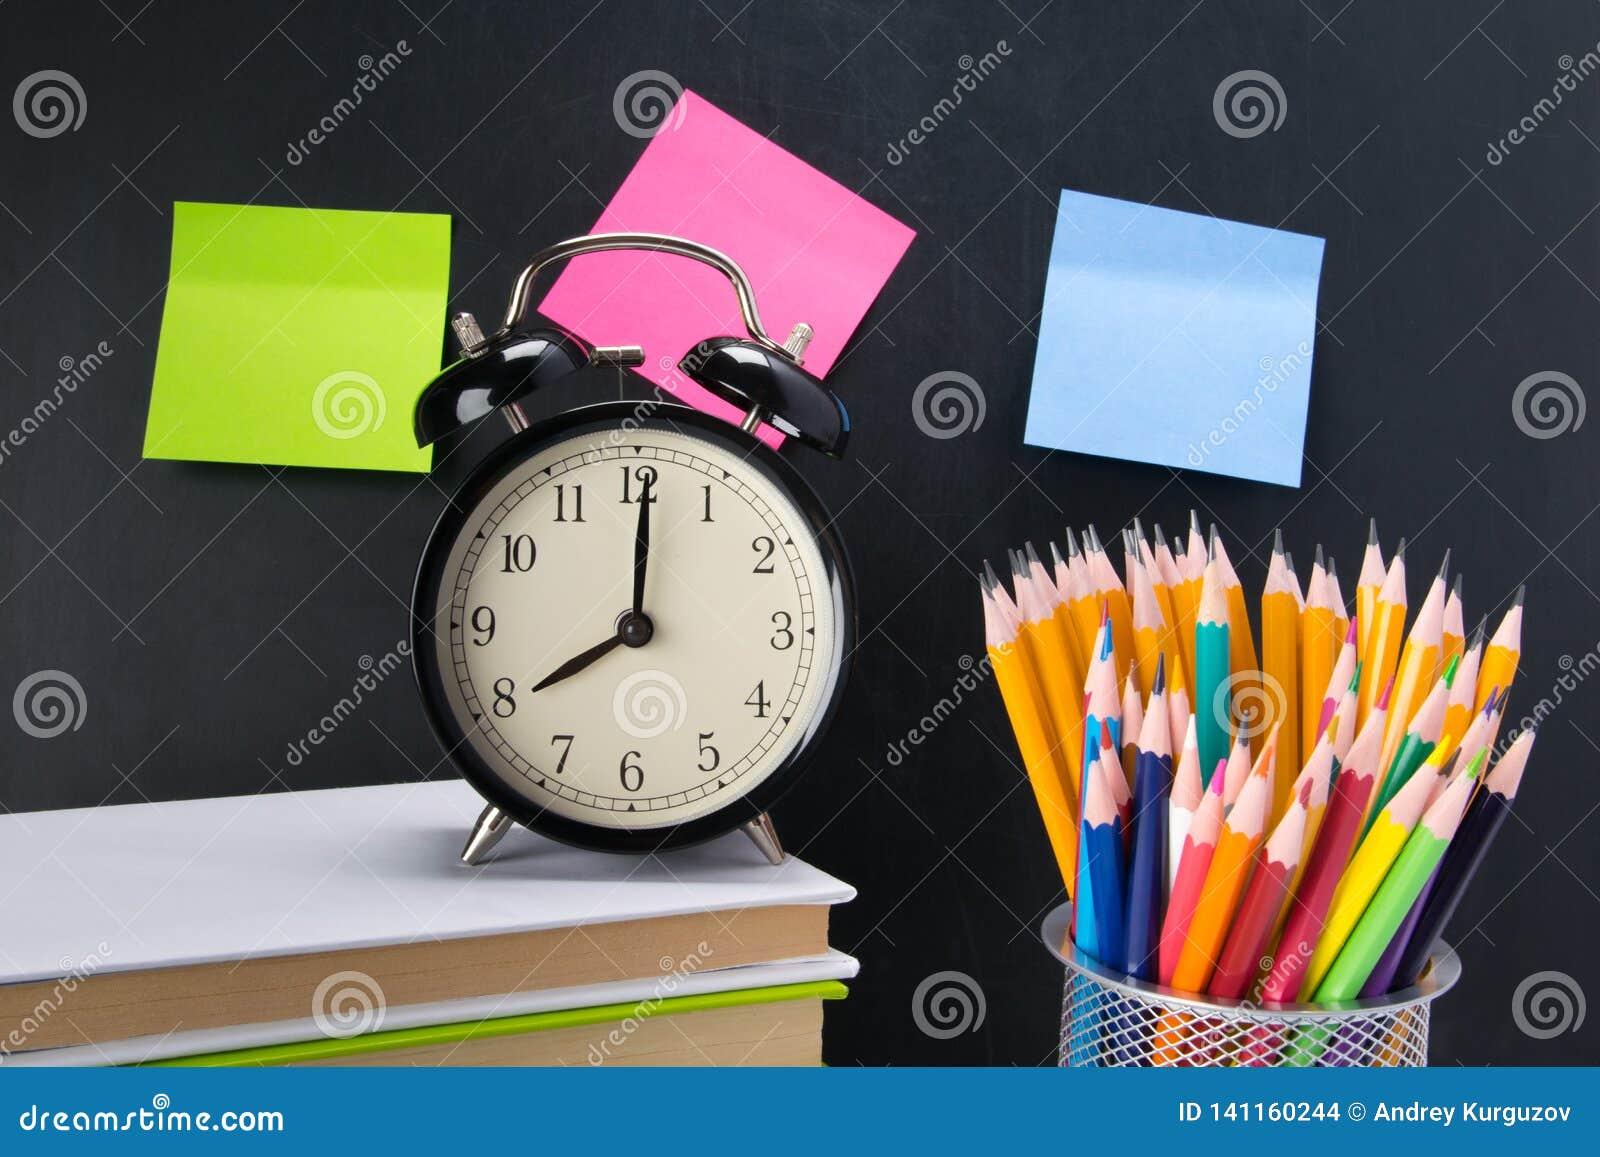 Sur le fond d un conseil noir avec des autocollants, il y a un réveil sur les livres et un verre avec les crayons colorés